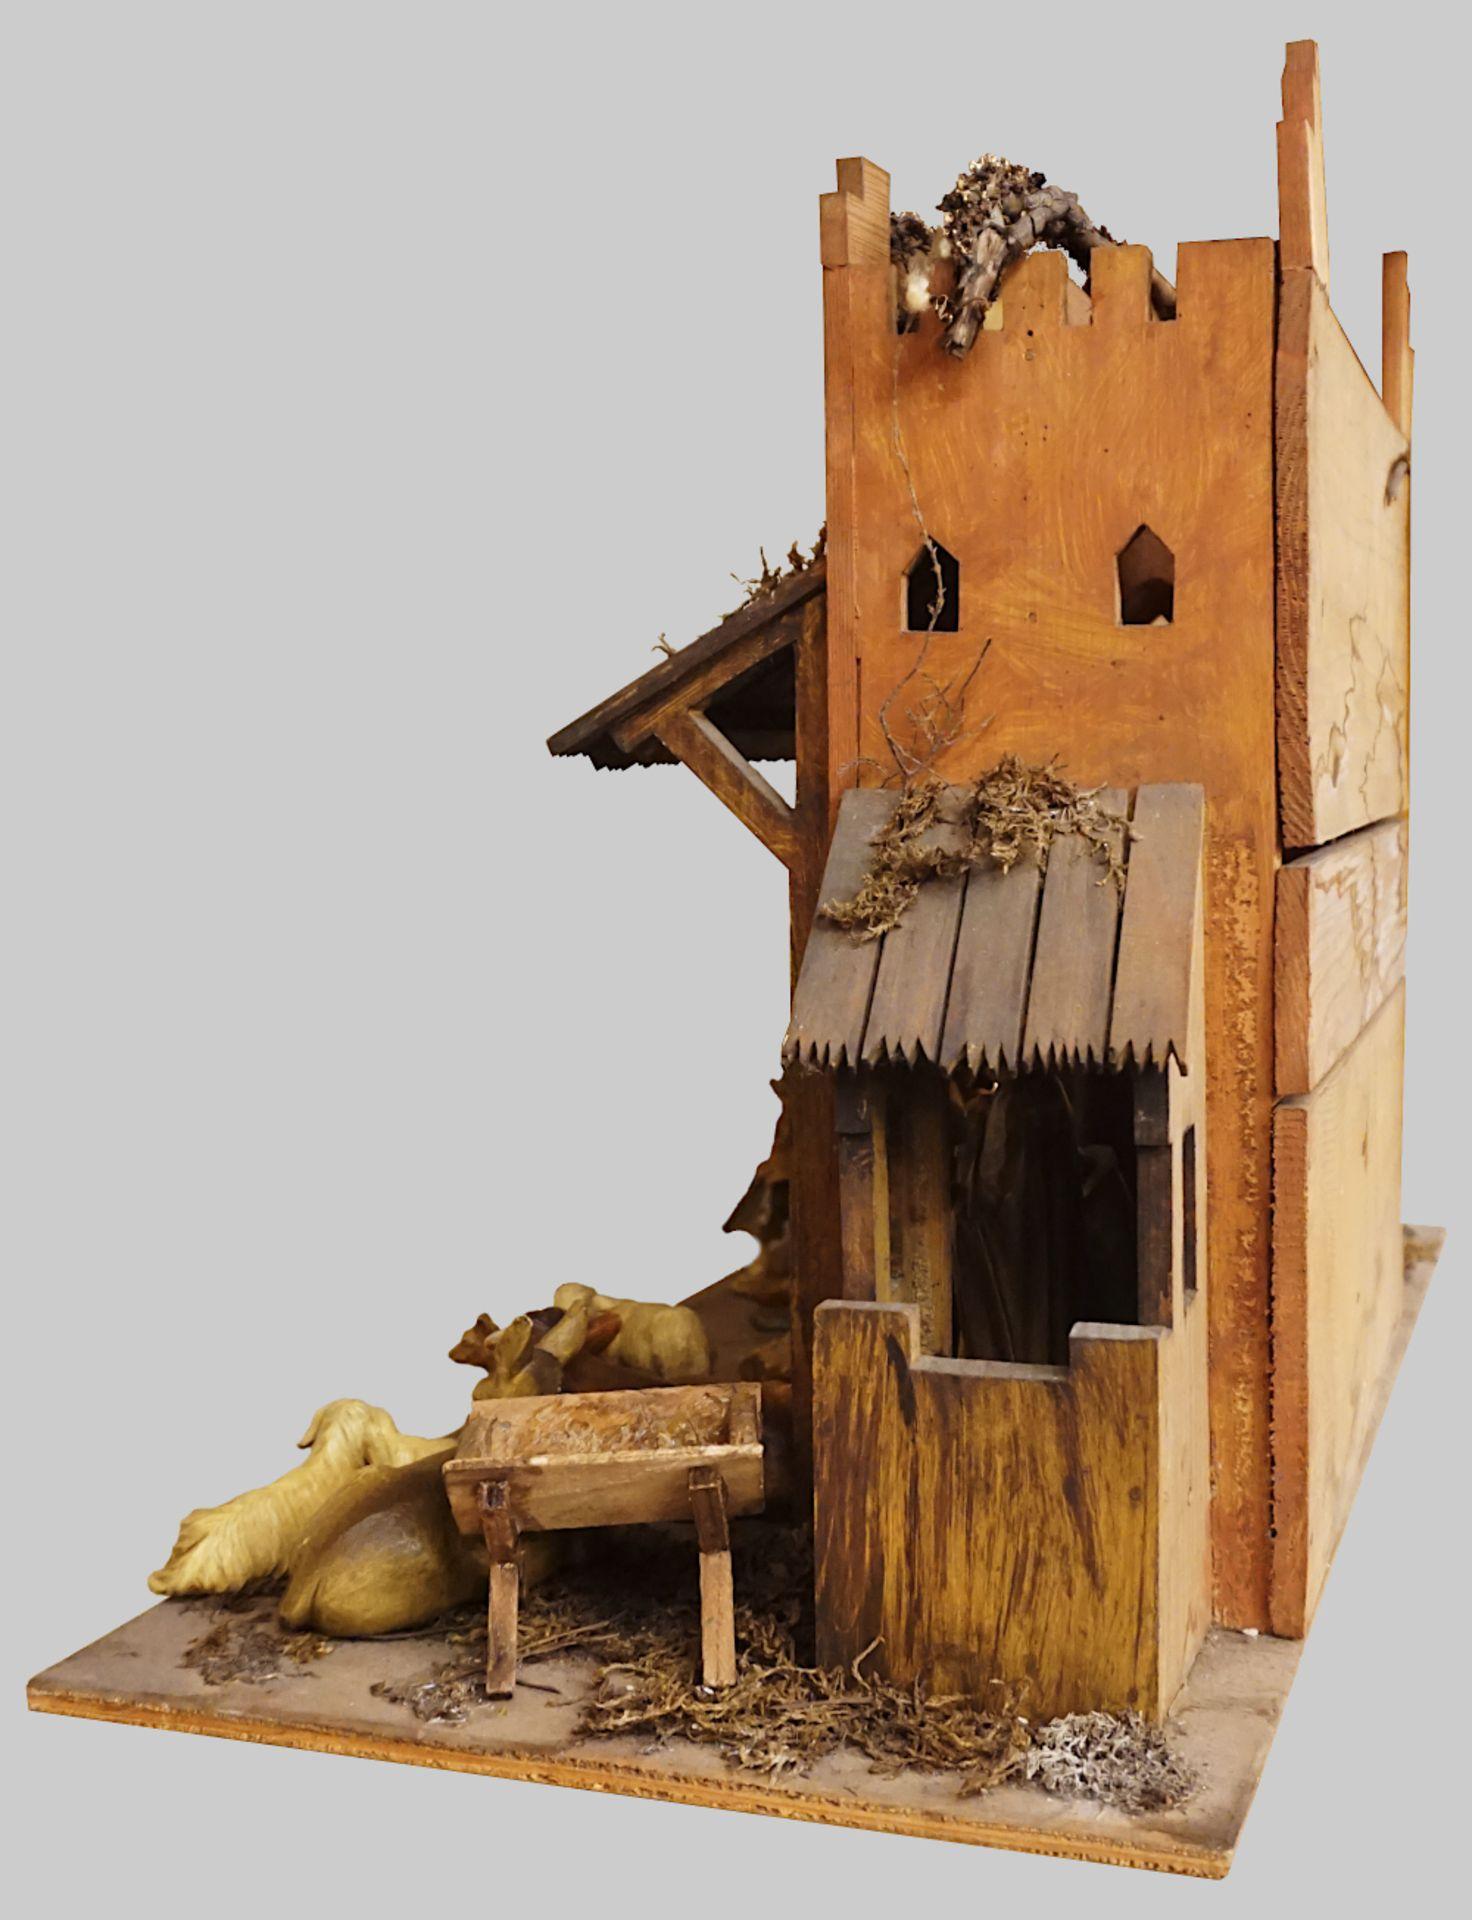 1 Krippe mit Figuren Holz, 20. Jh. z.T. gemarkt UNITAS farbig gefasst, Krippe H ca. 4 - Bild 3 aus 6